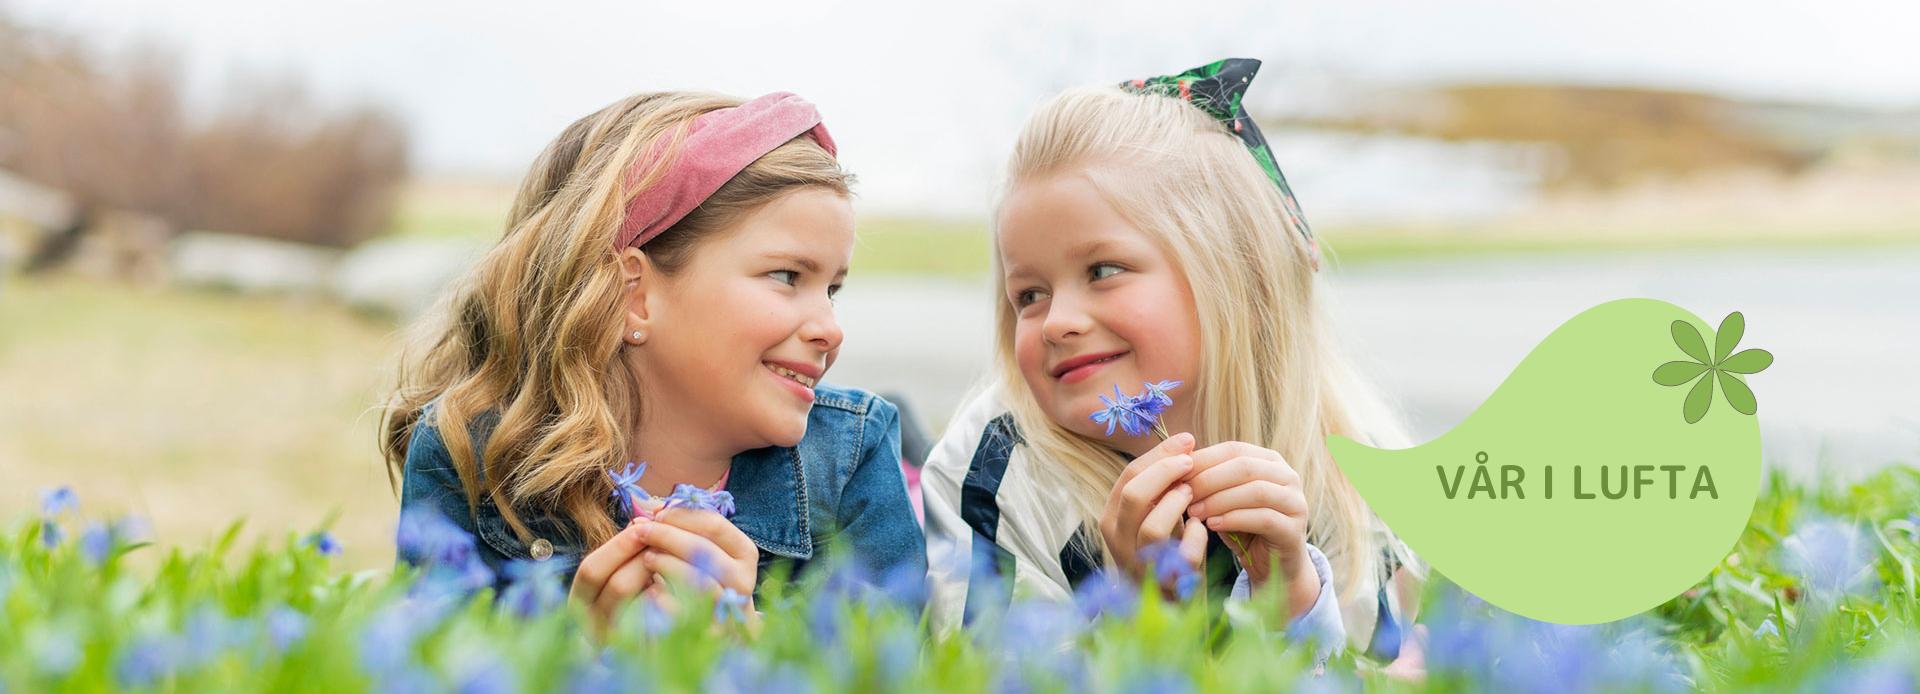 """Jenter liggende i blomstereng med teksten """"vår i lufta"""""""